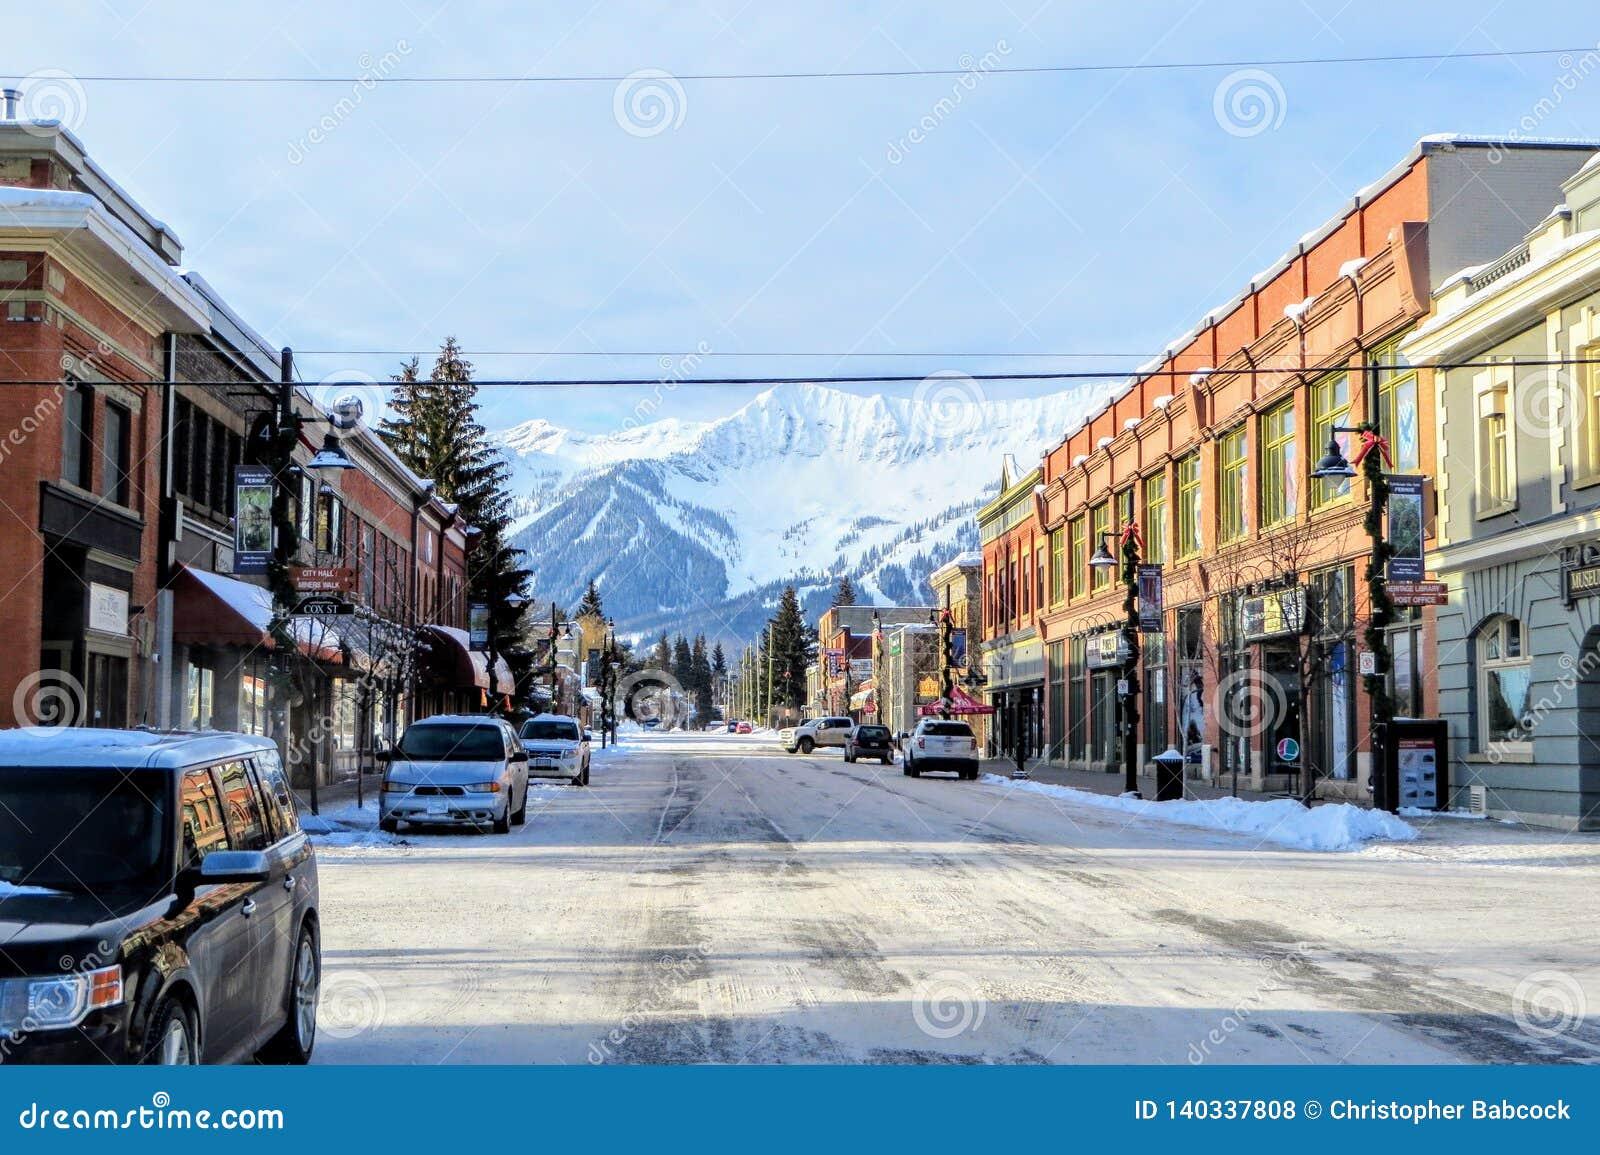 Widoku puszek ulicy w centrum Fernie, kolumbia brytyjska, Kanada na pogodnym ranku podczas zimy